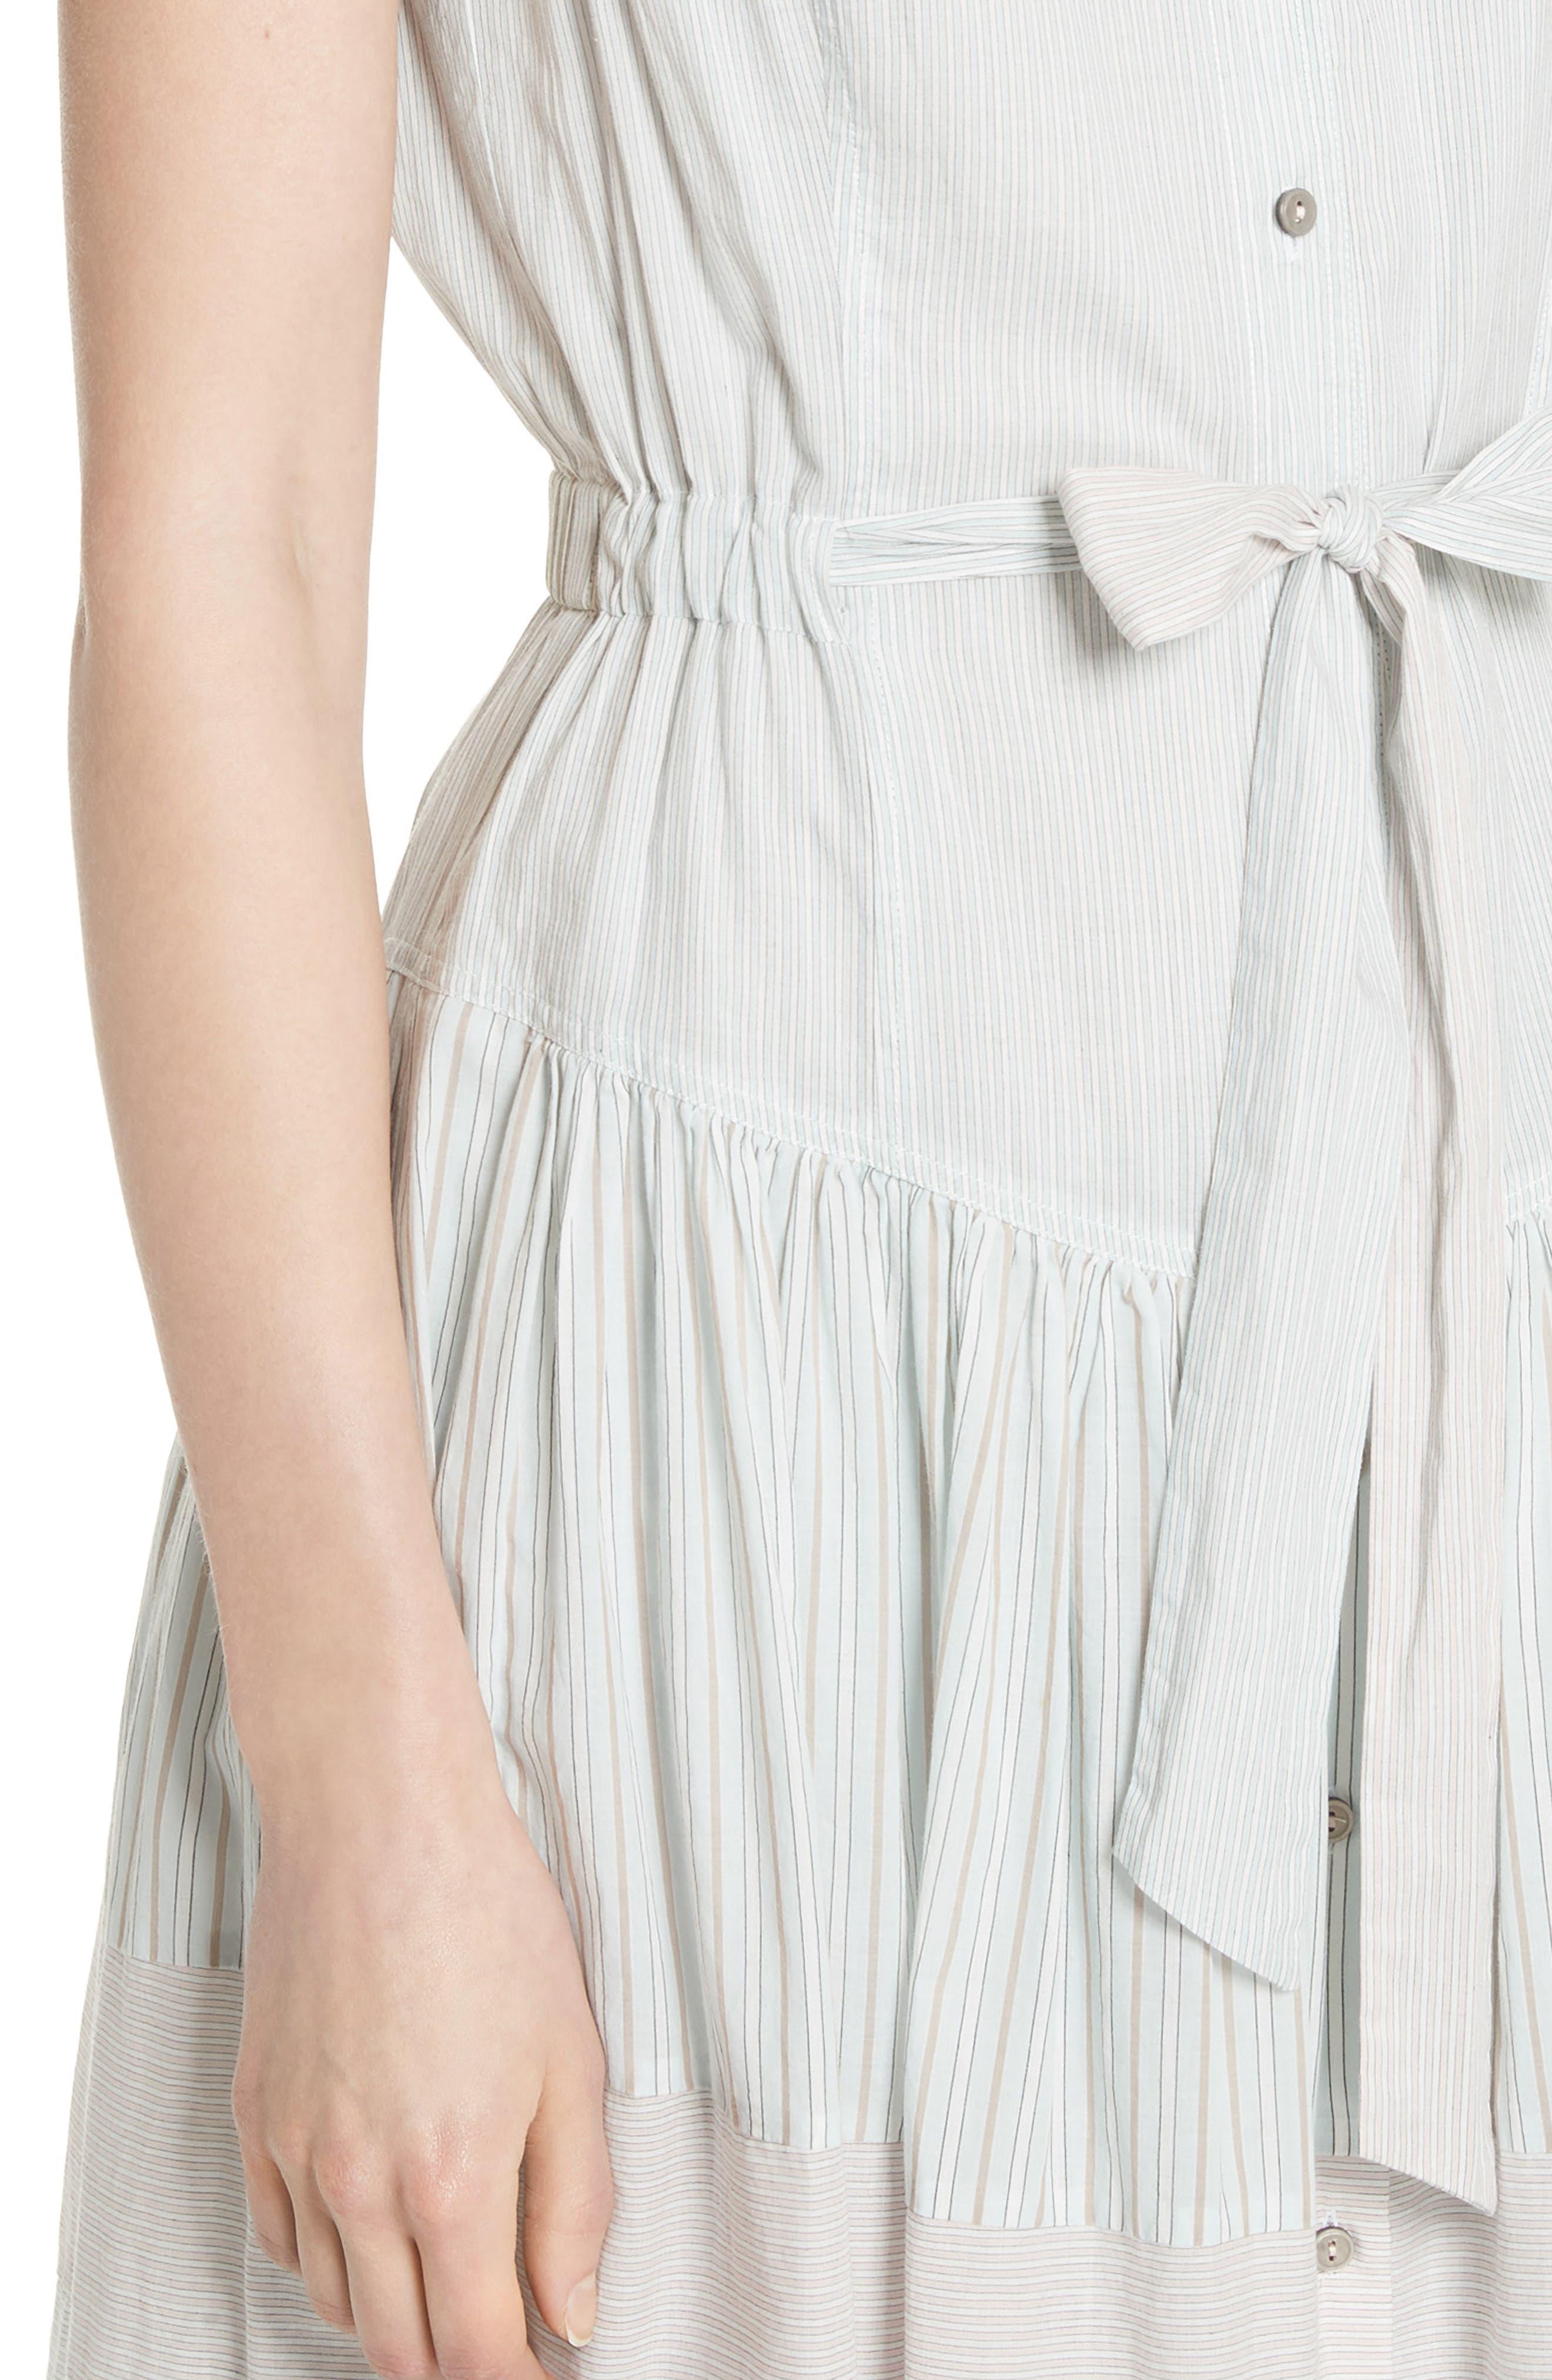 Mix Stripe Cotton Dress,                             Alternate thumbnail 5, color,                             Multi Combo